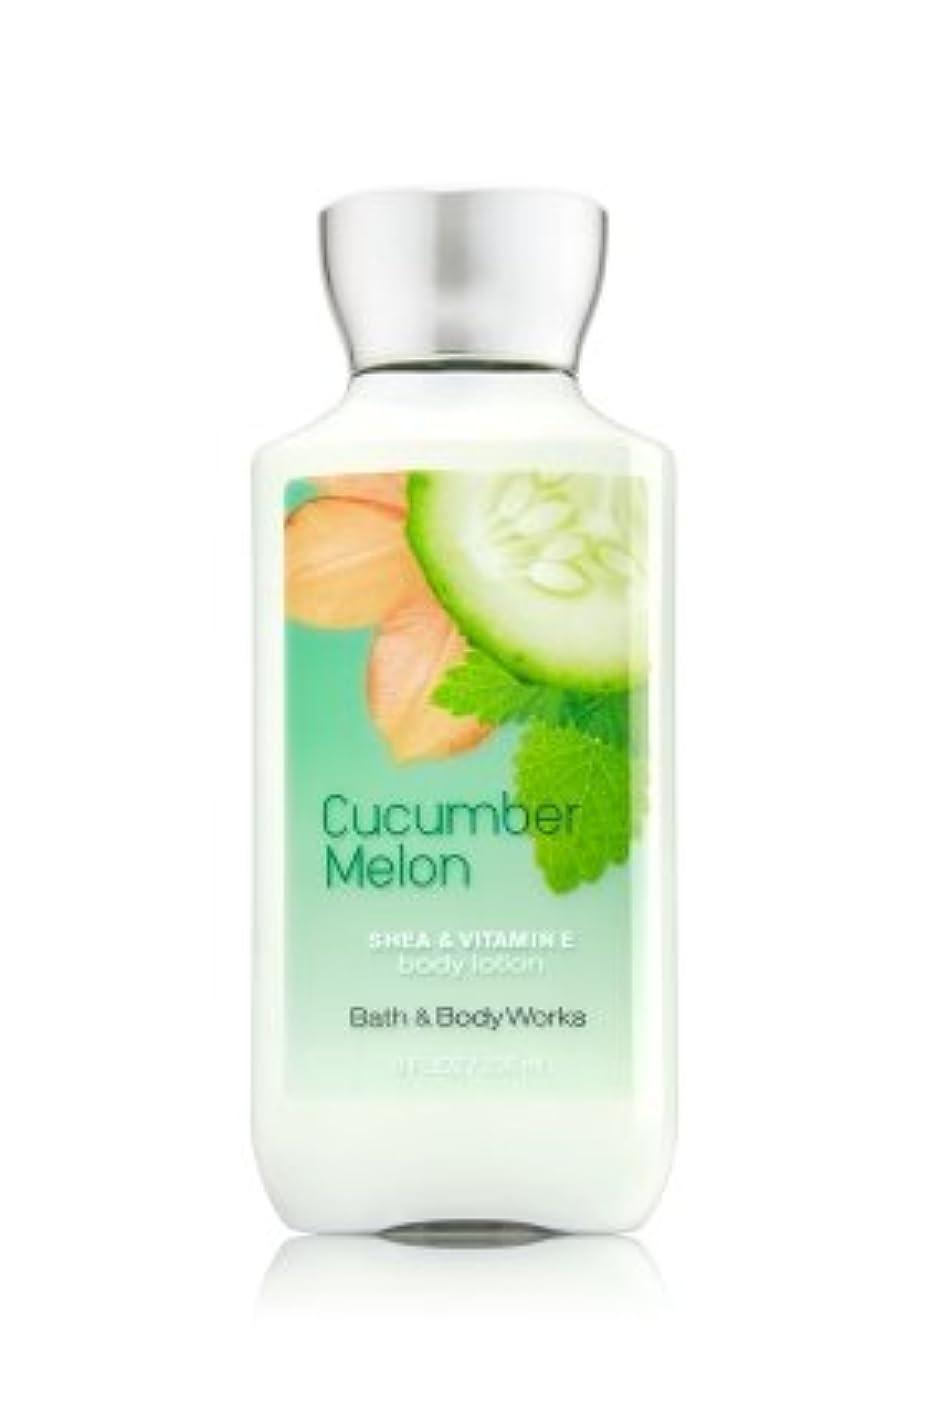 人工覚えている言い聞かせる【Bath&Body Works/バス&ボディワークス】 ボディローション キューカンバーメロン Body Lotion Cucumber Melon 8 fl oz / 236 mL [並行輸入品]